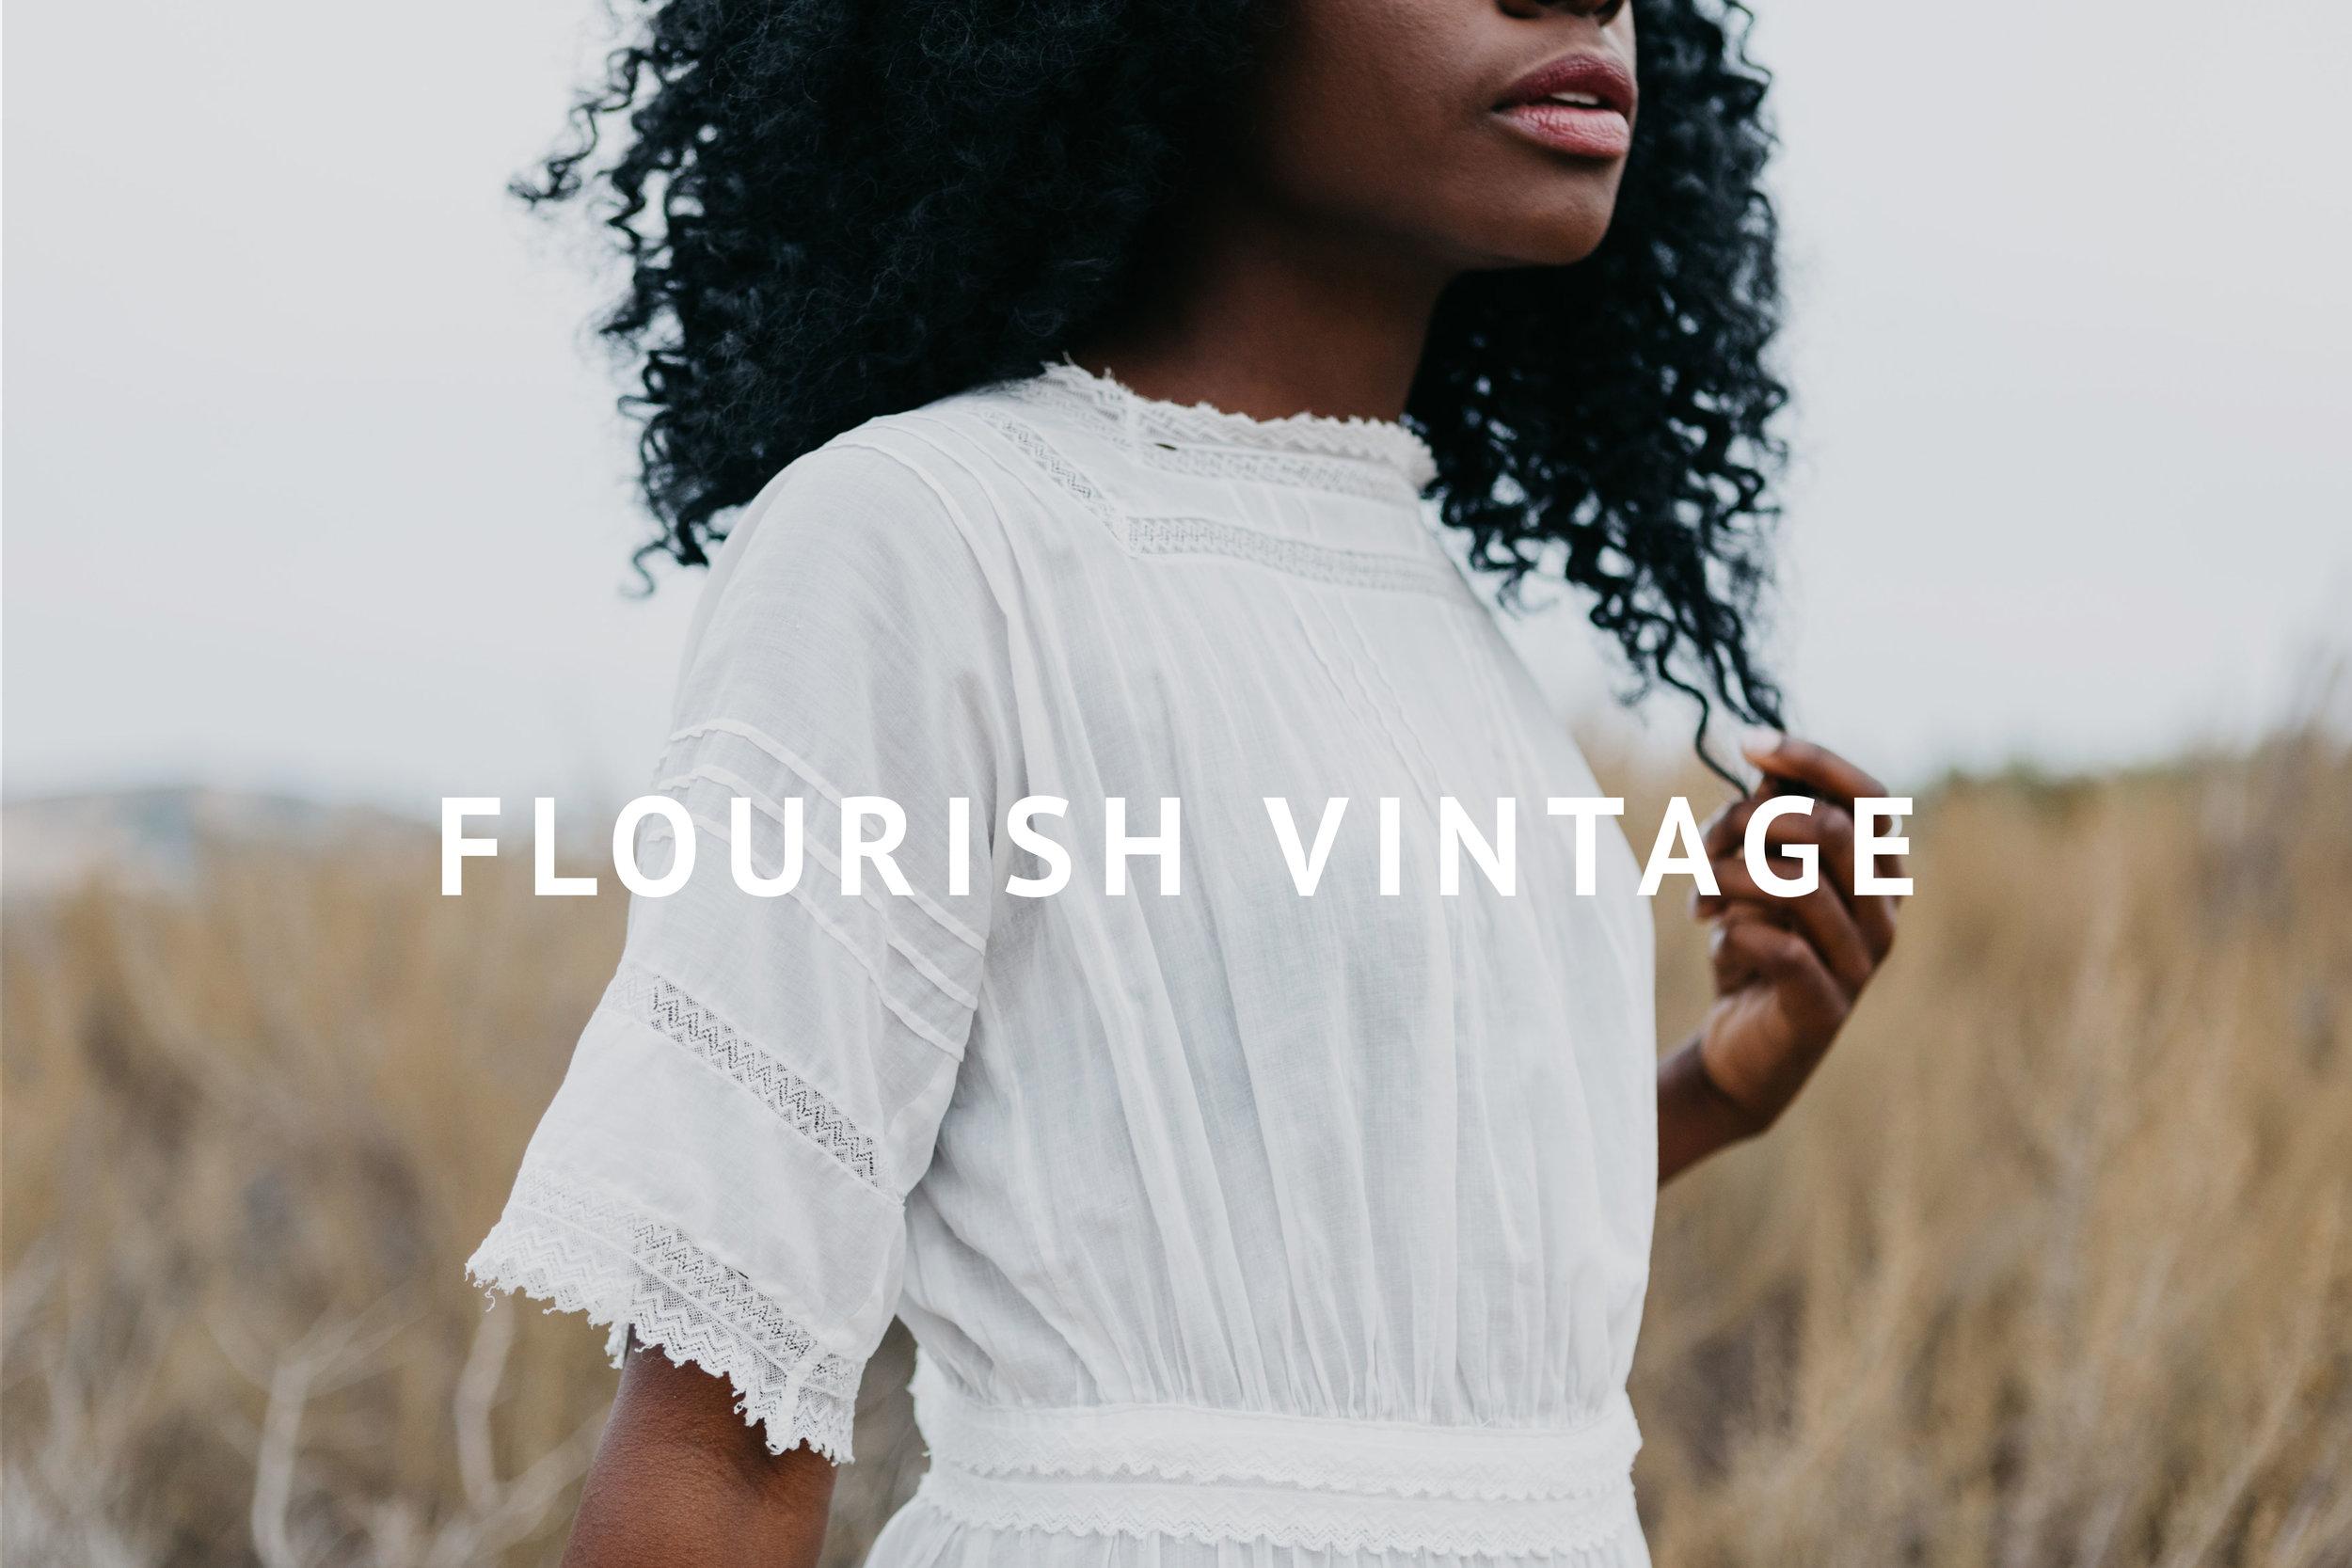 Fashion Icons-Flourish Vintage.jpg